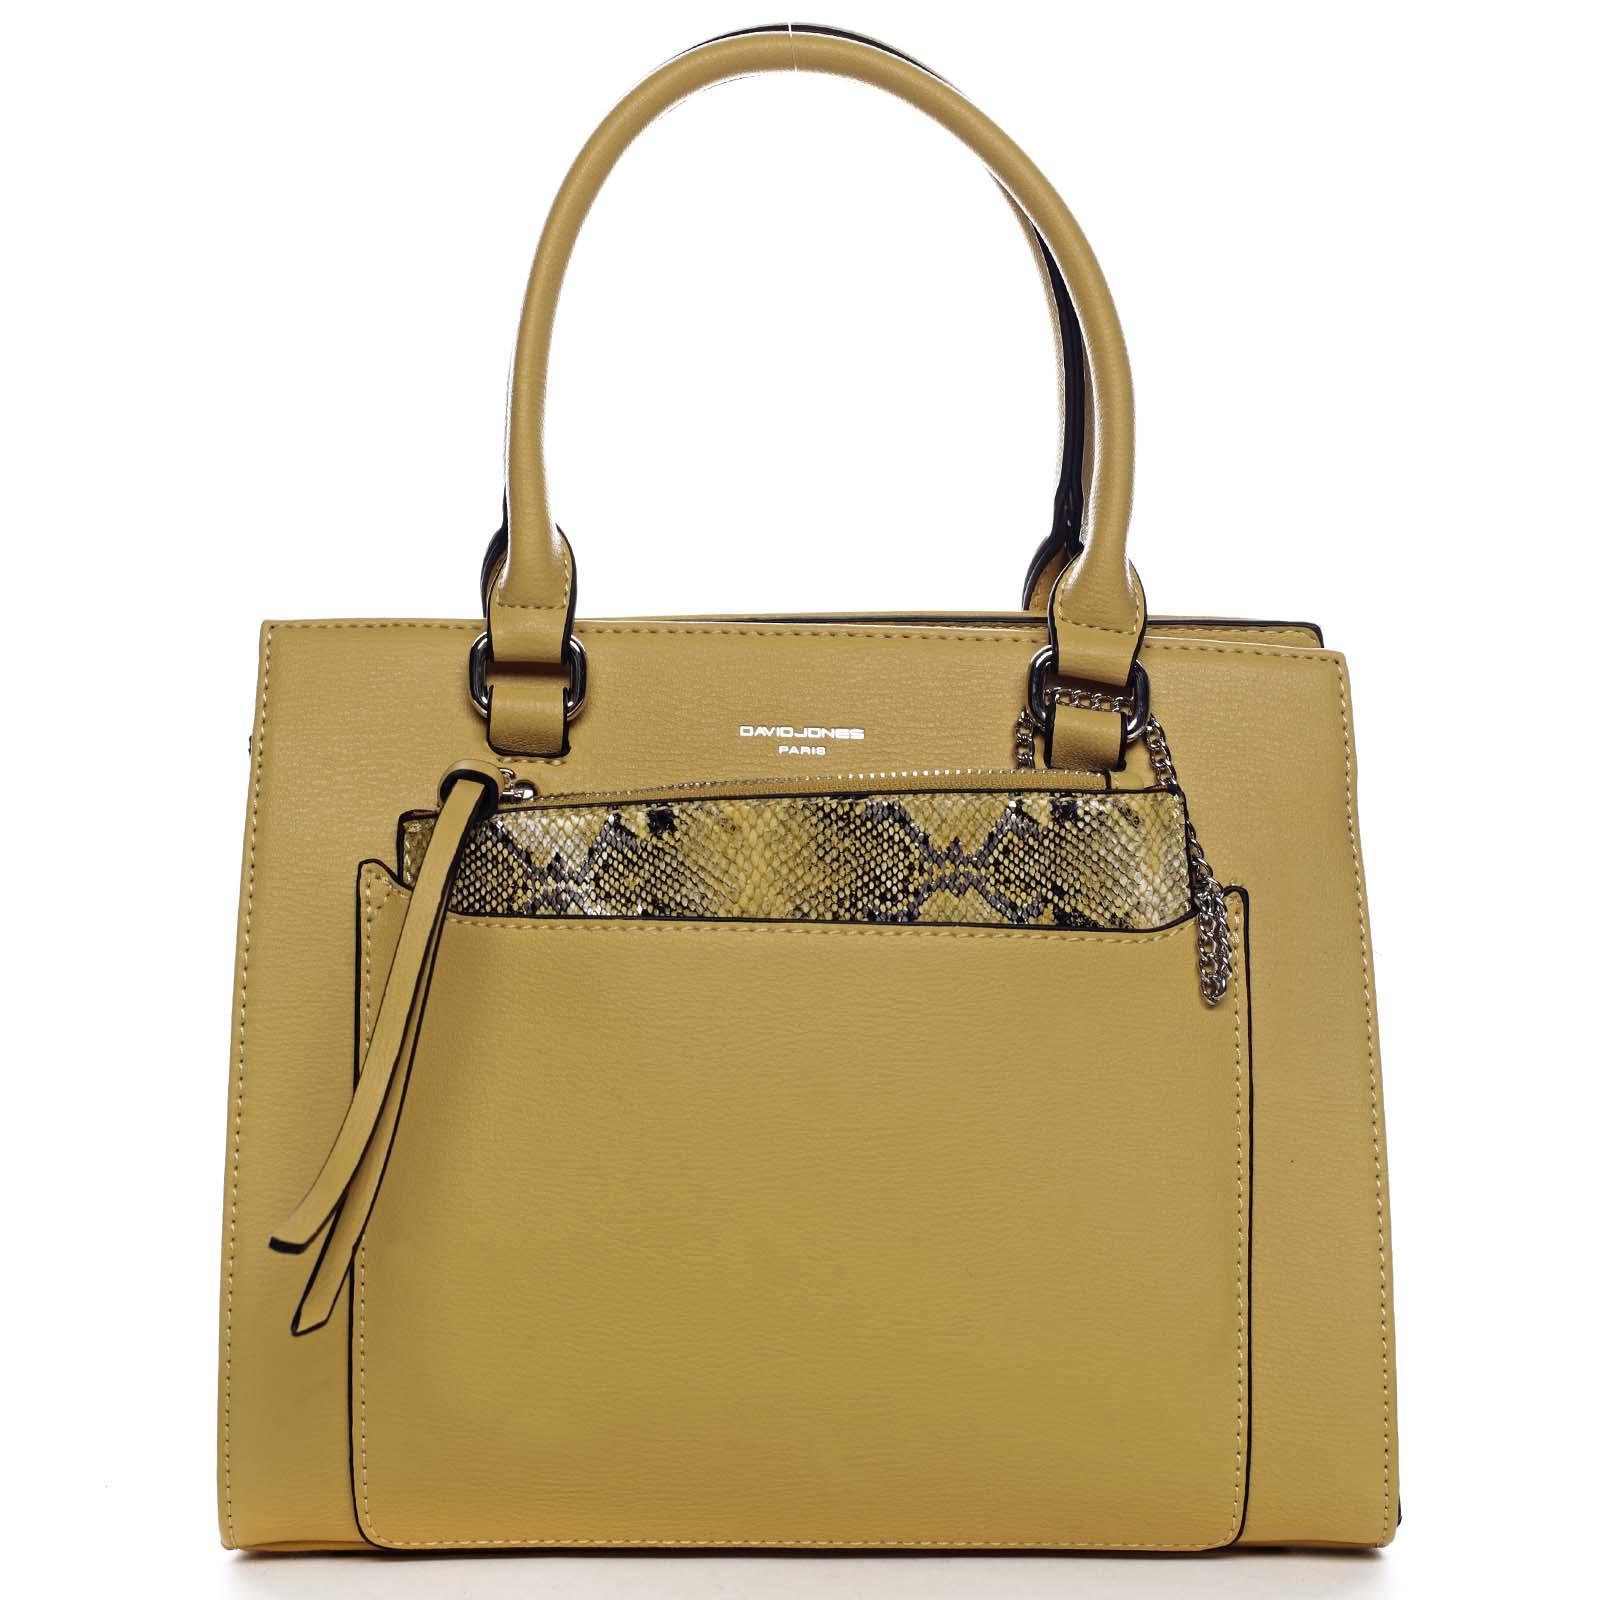 Exkluzivní dámská kabelka žlutá - David Jones Joan